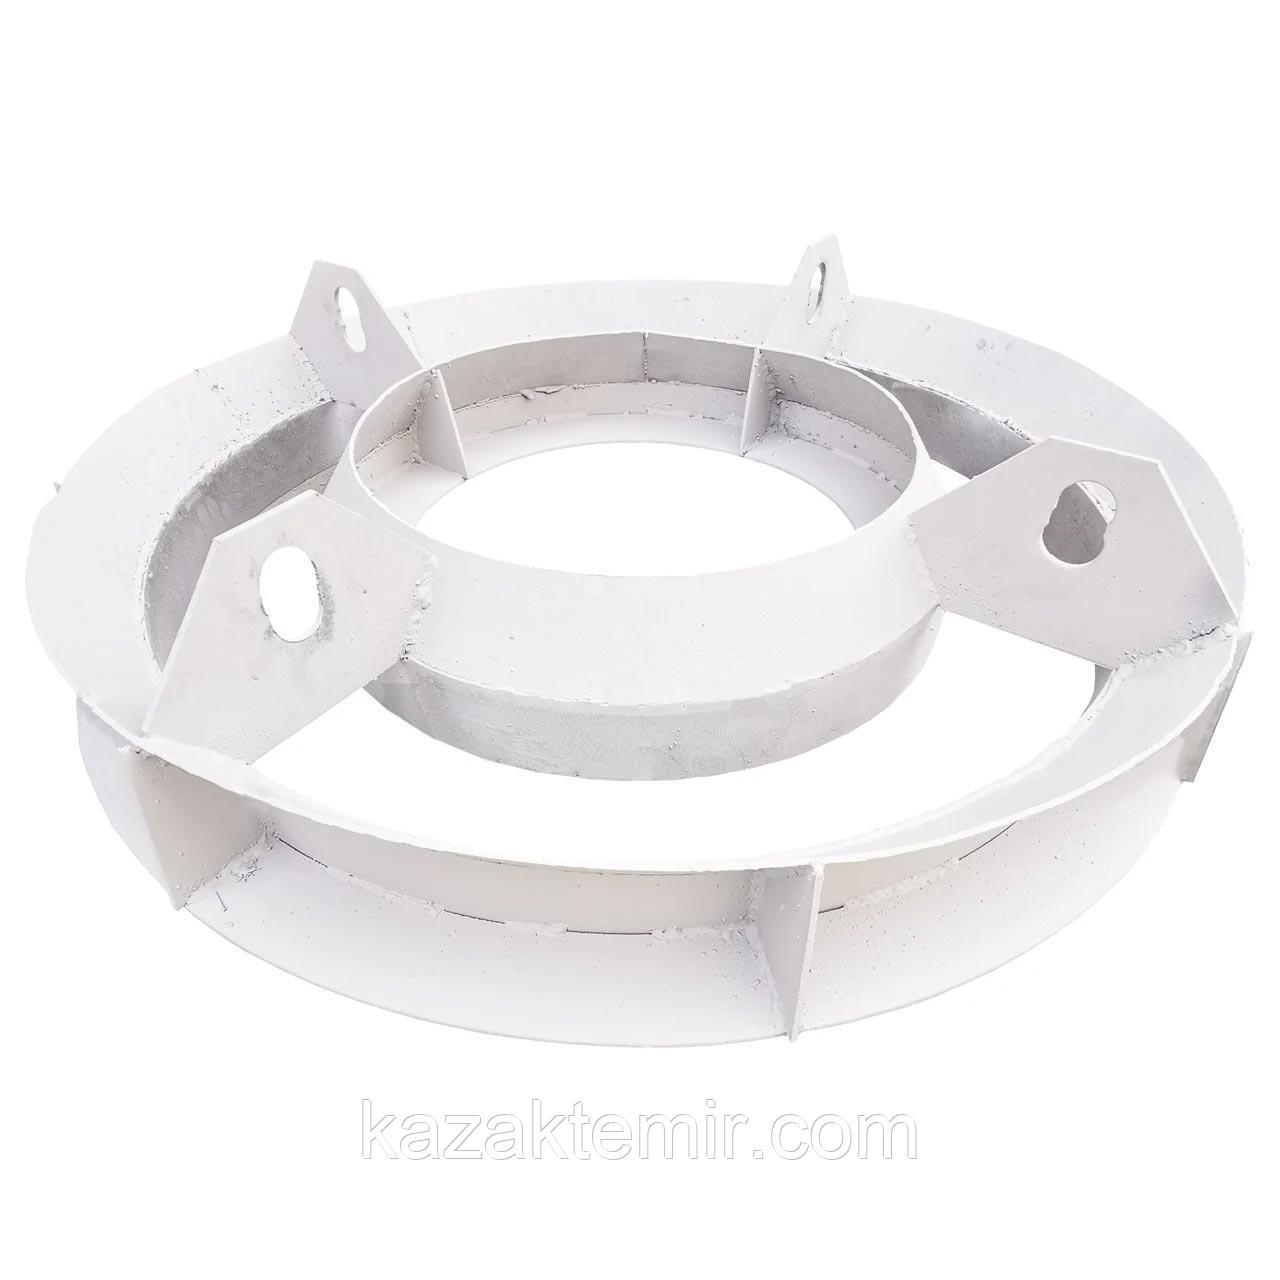 КО-6 Опорное кольцо колодцев